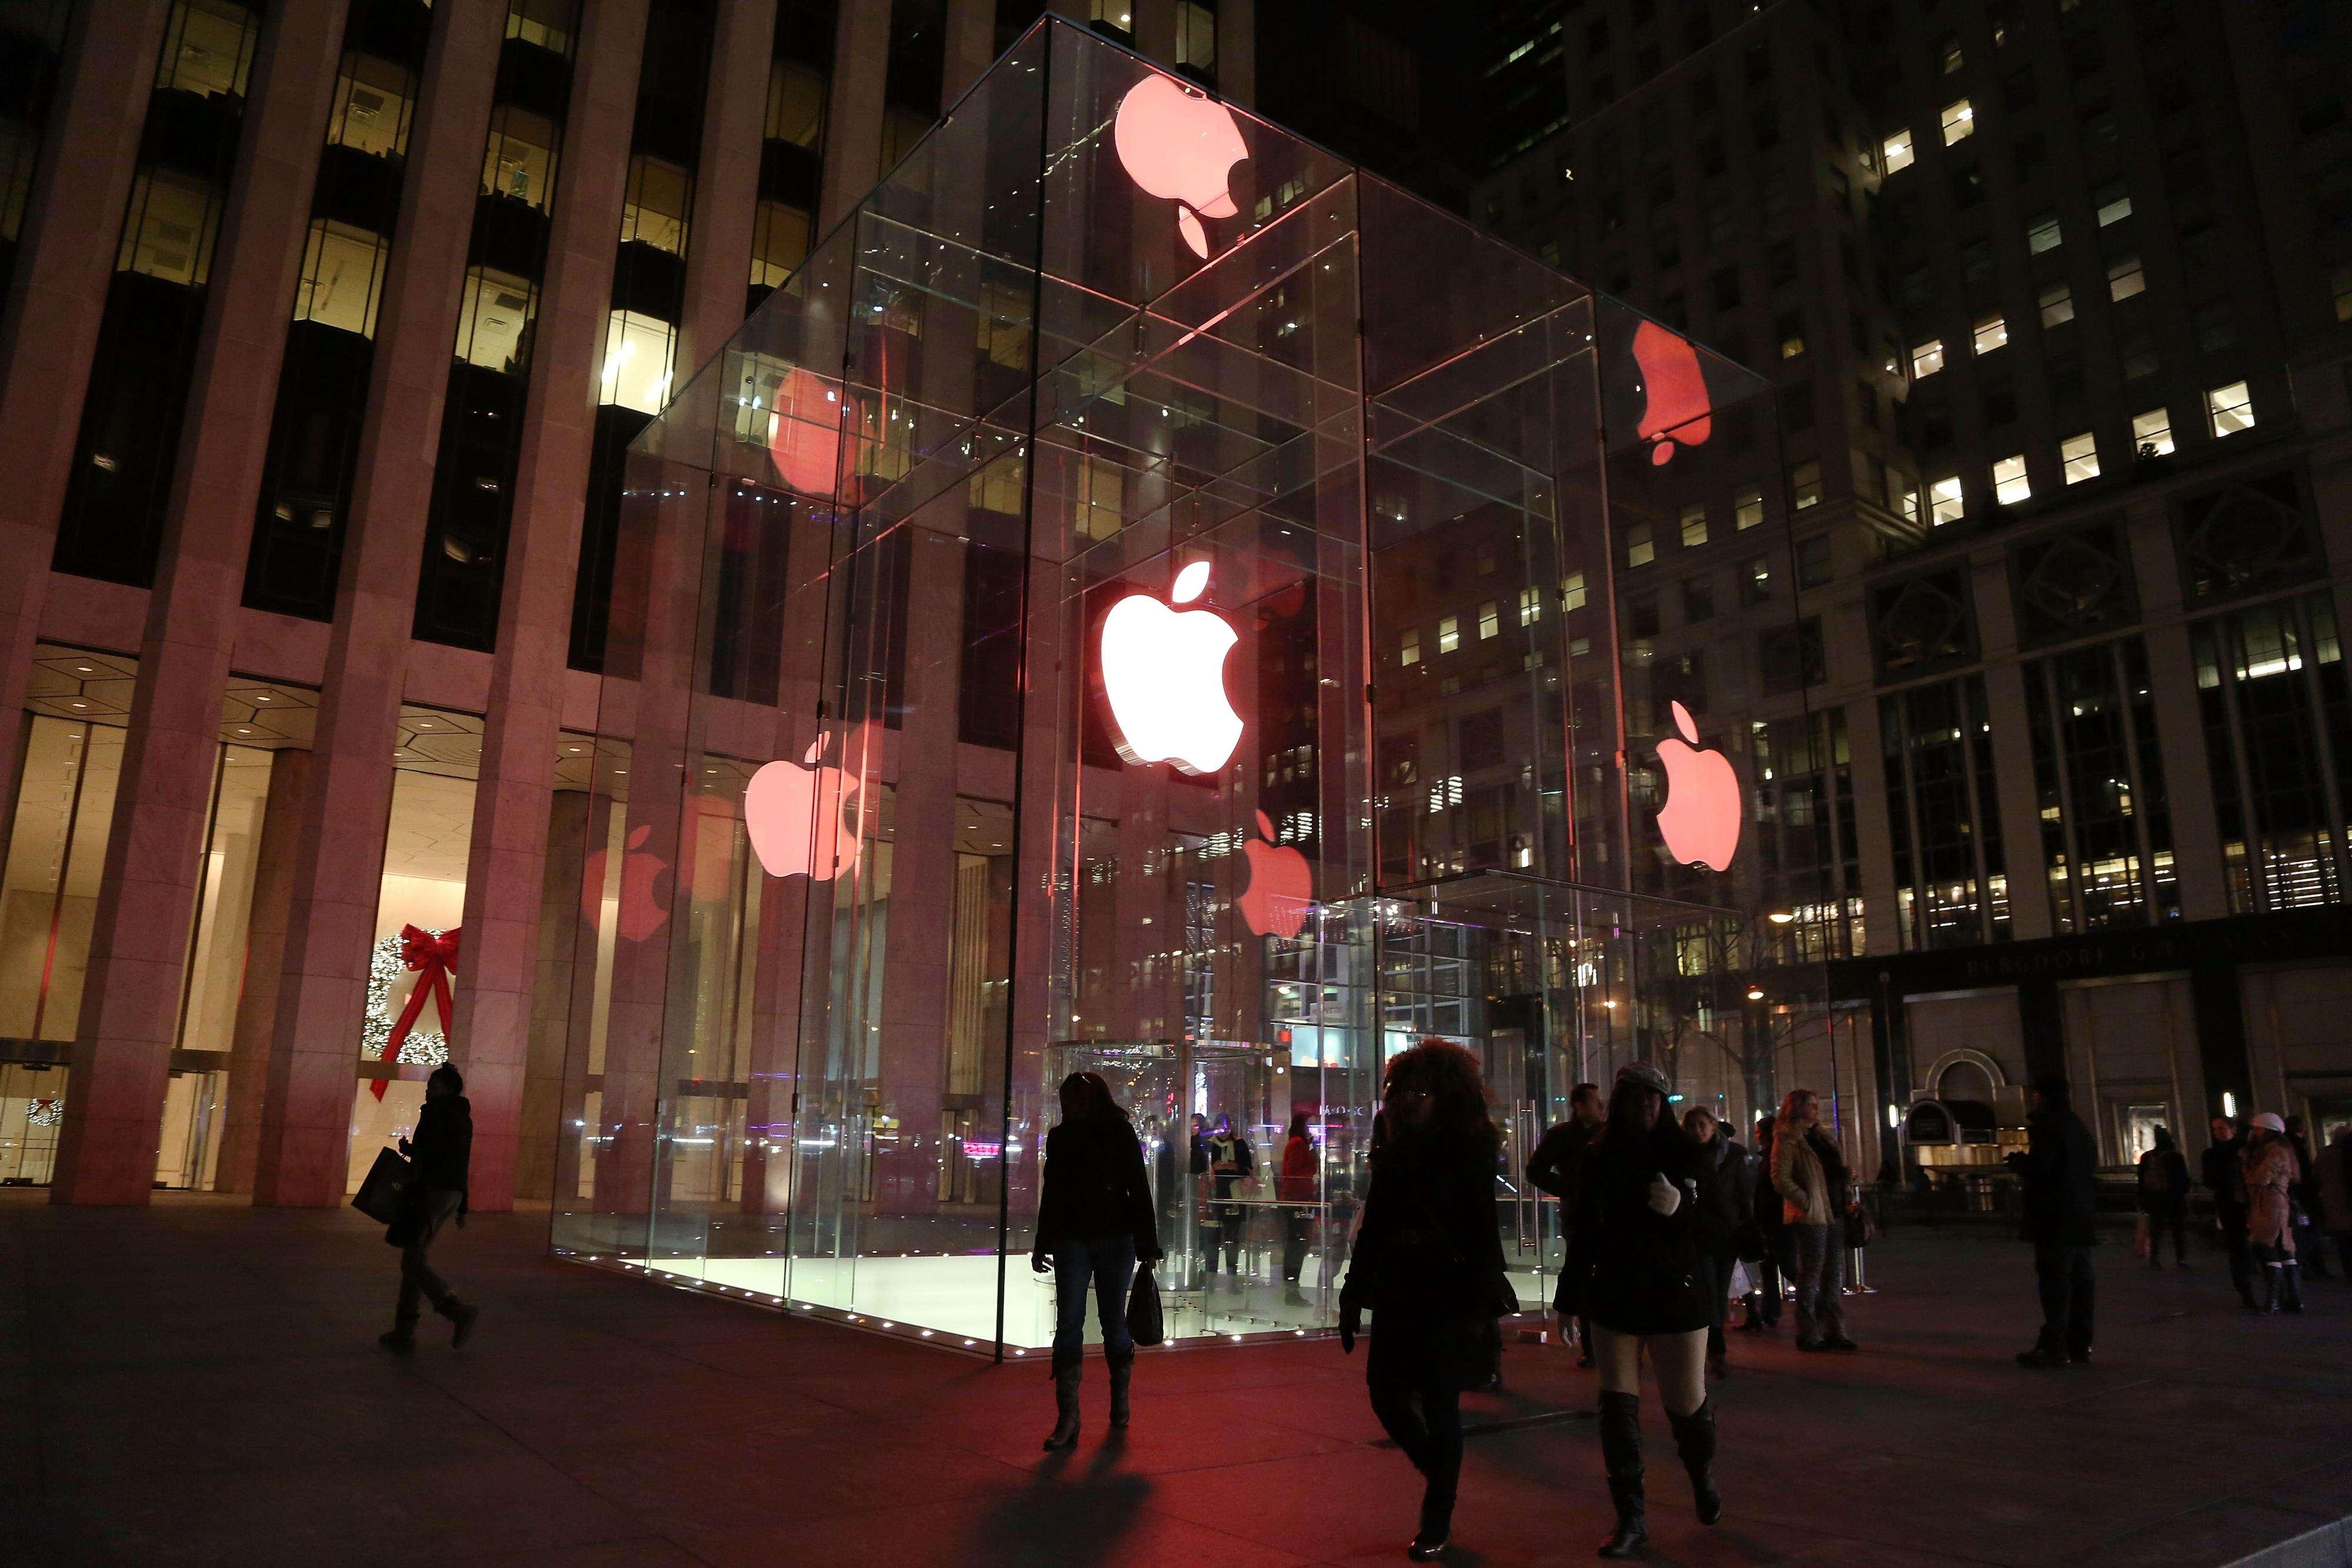 La tienda de Microsoft estará ubicada a pocas cuadras de la de Apple en la Quinta Avenida Foto: Getty Images